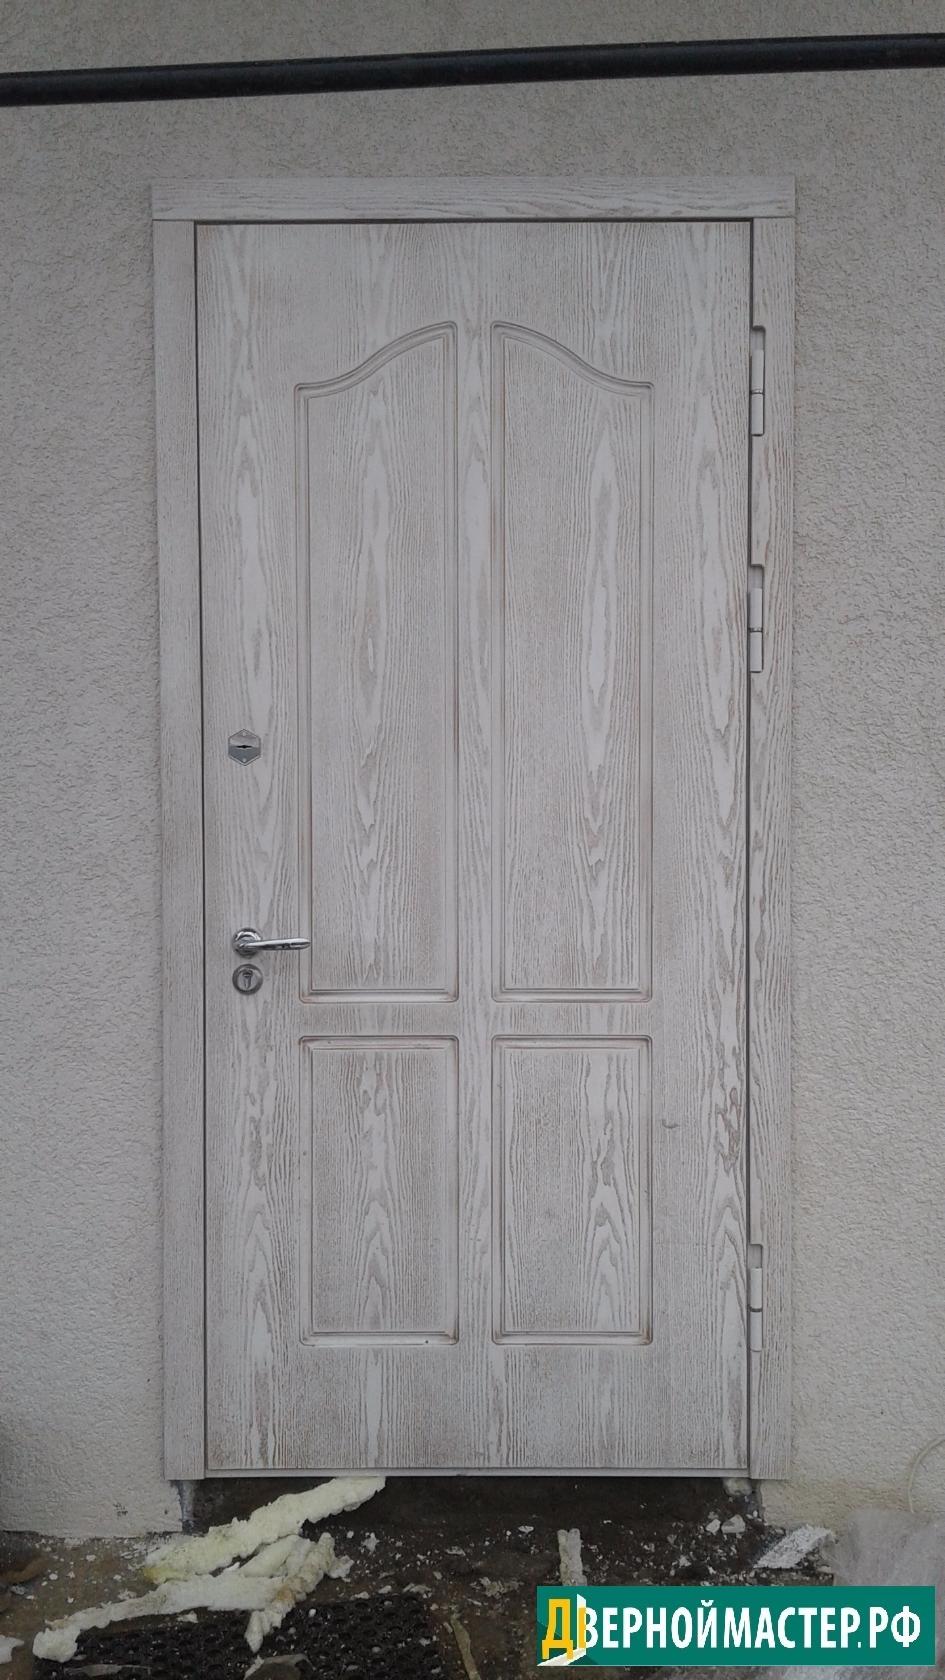 Необычная модель входной двери МДФ, хоть и классический квадратный дизайн рисунка